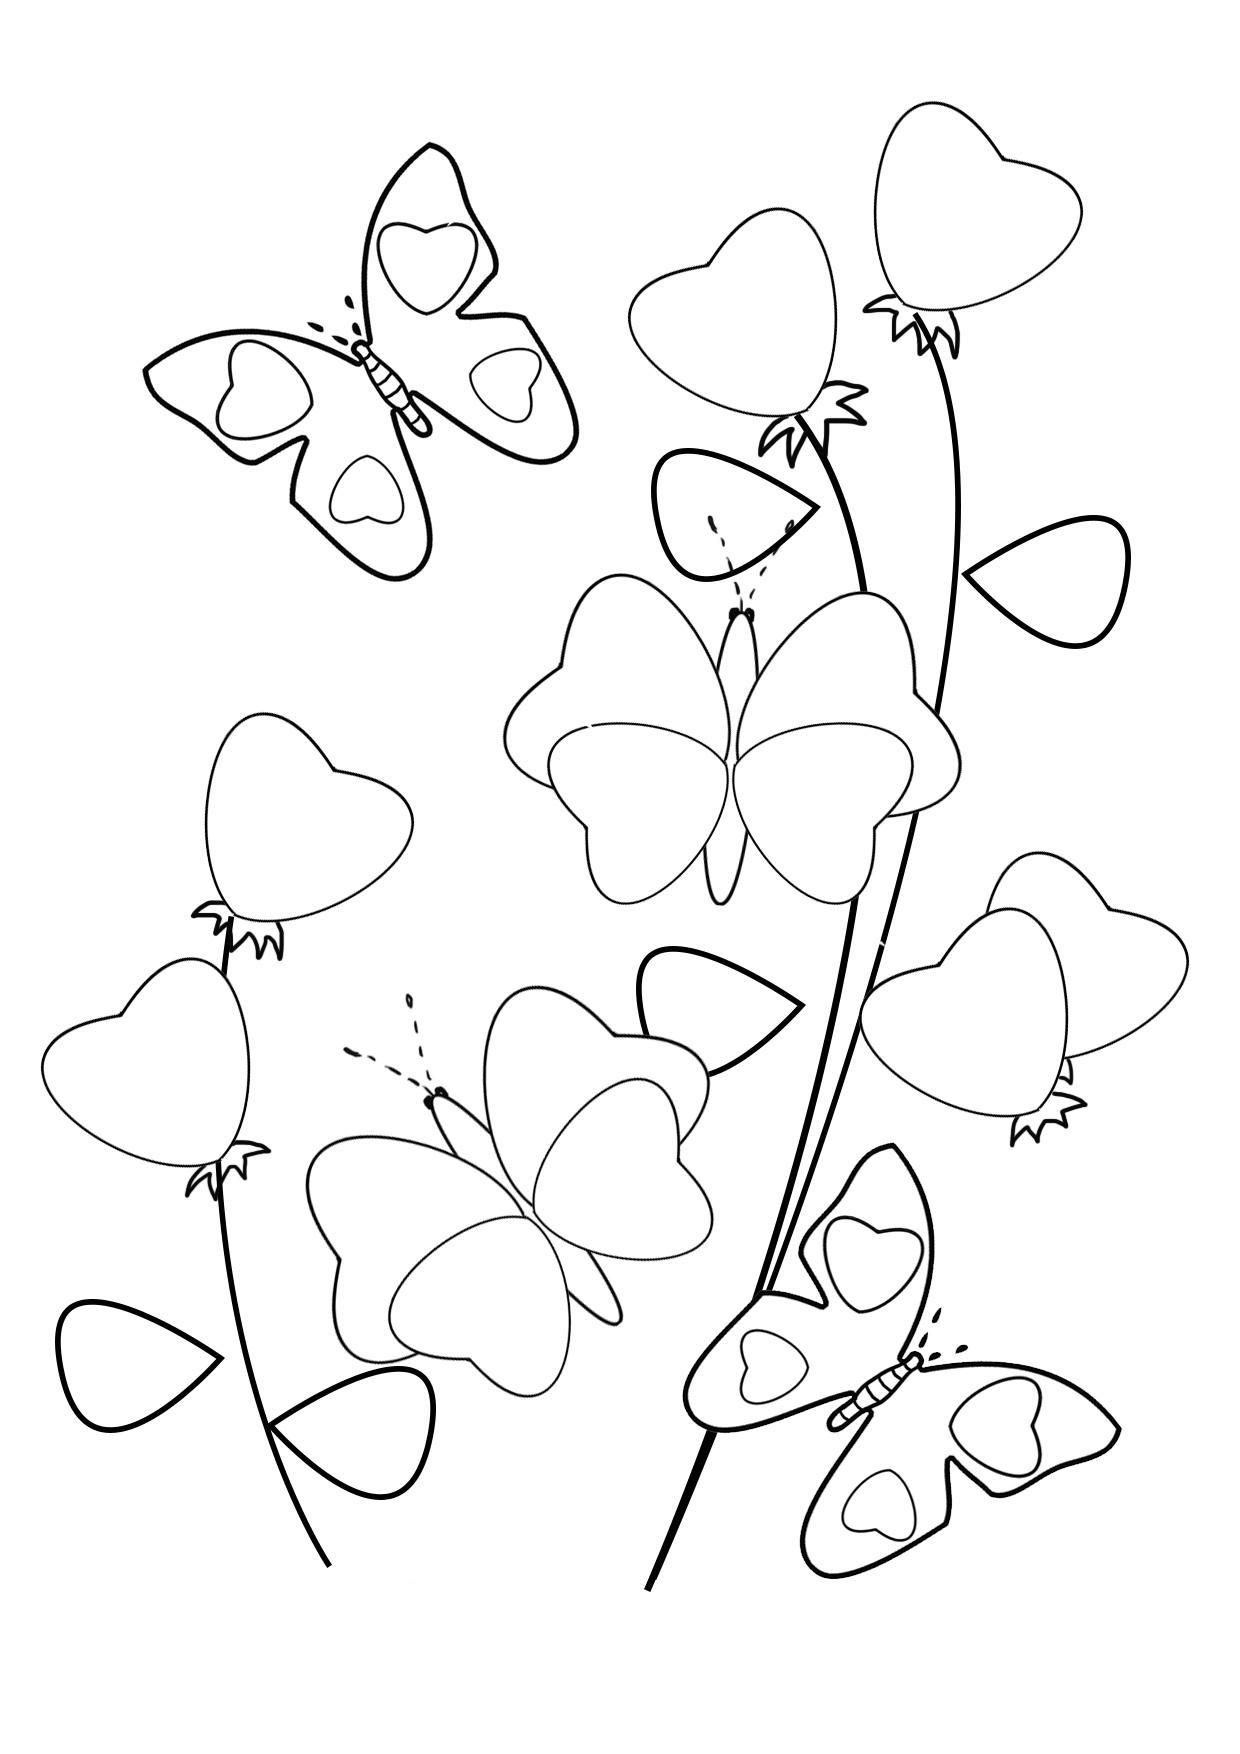 С сердечками и бабочки на цветах из сердечек